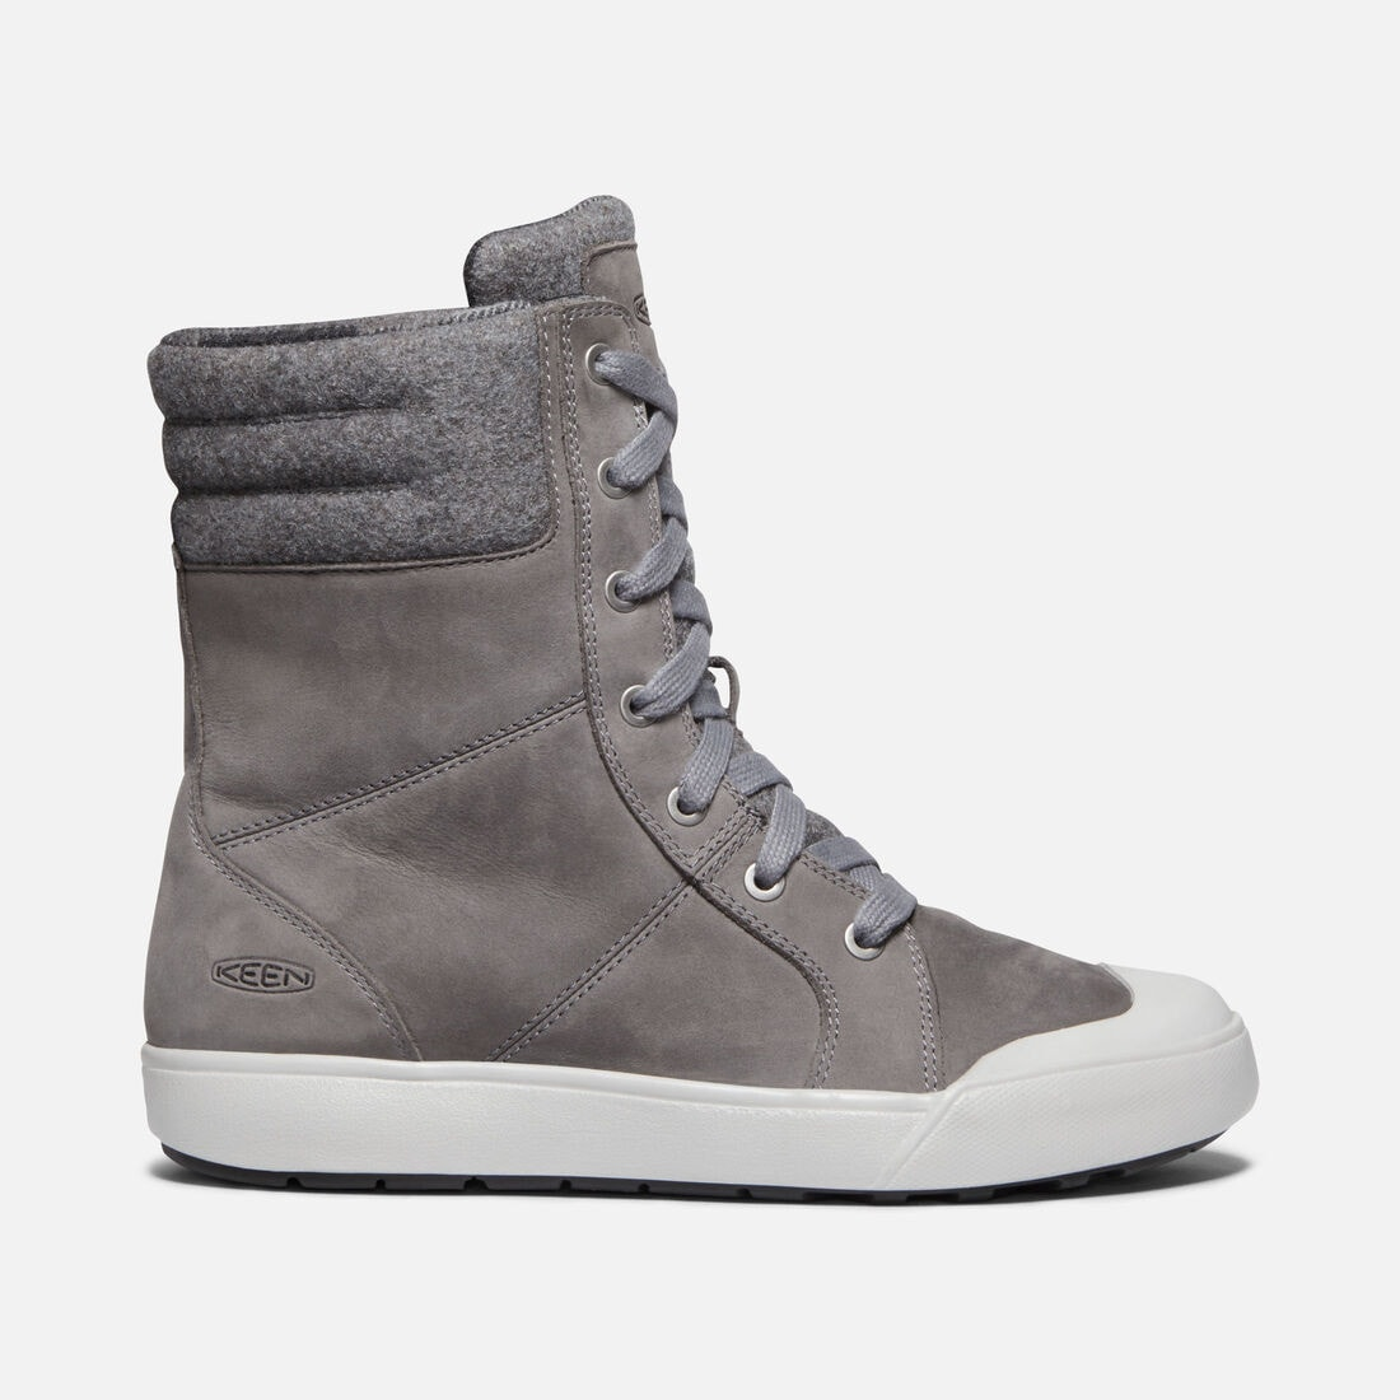 Women's boots KEEN ELENA BOOT